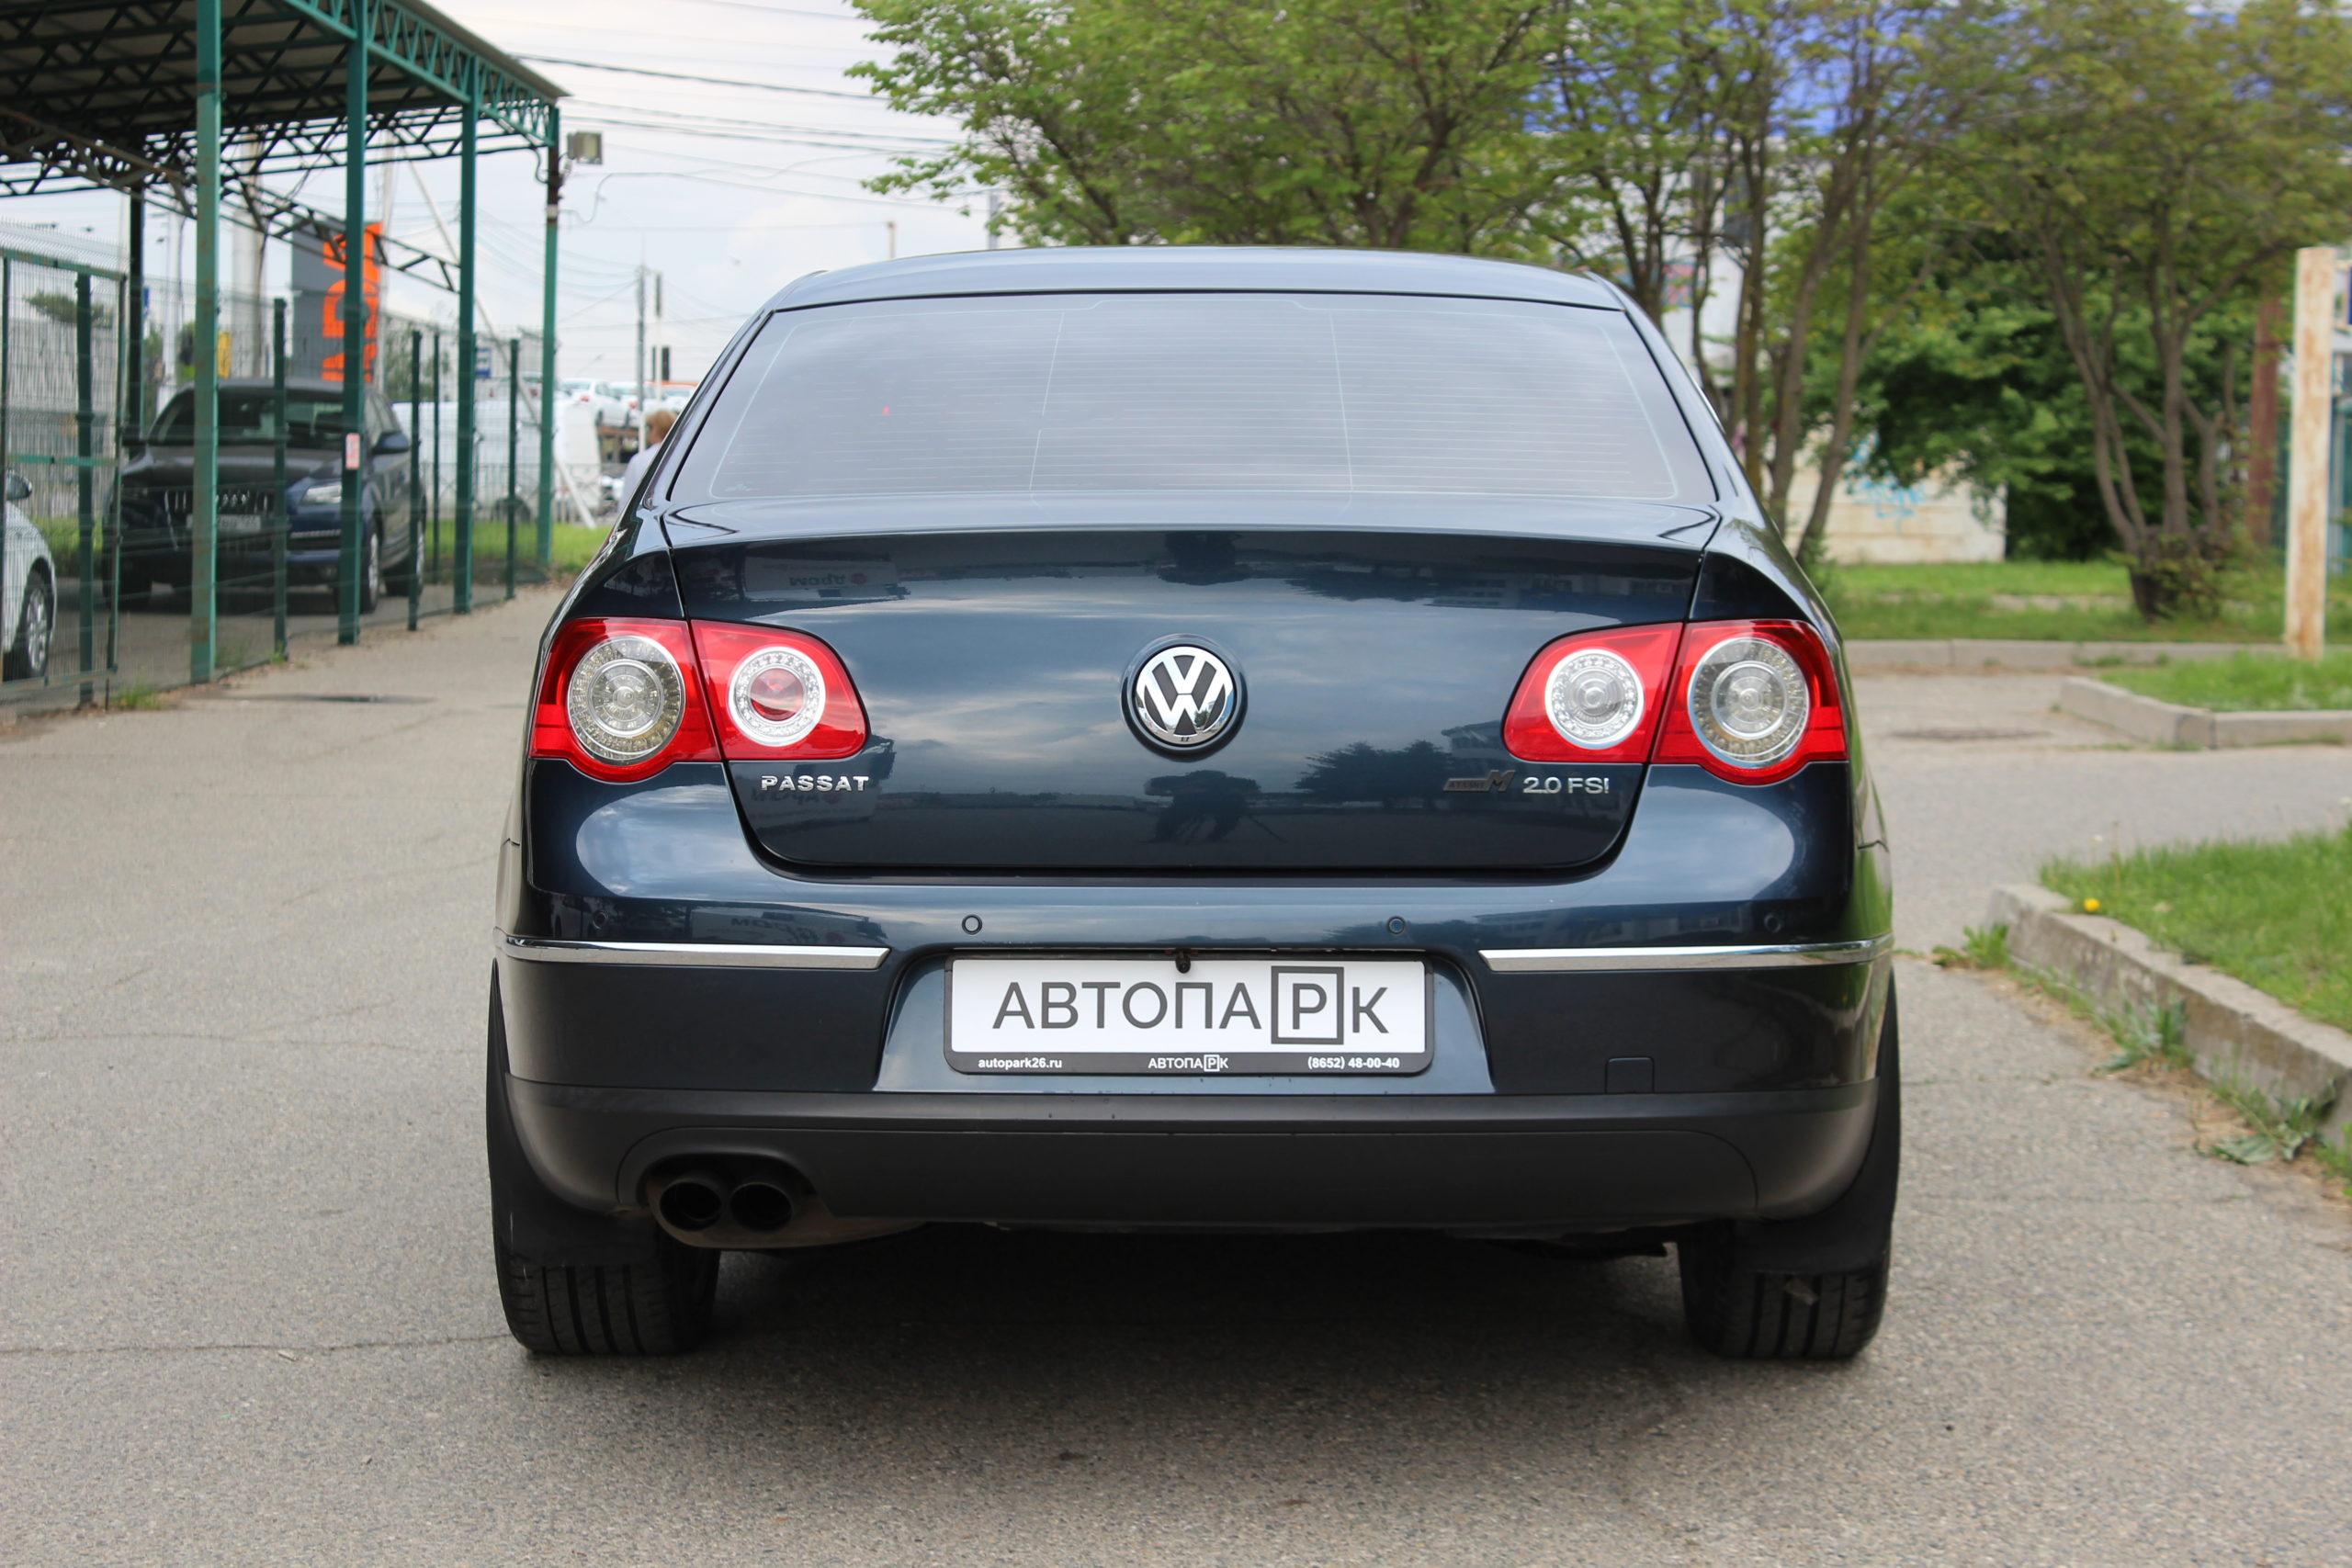 Купить Volkswagen Passat (Серо-синий) - Автопарк Ставрополь